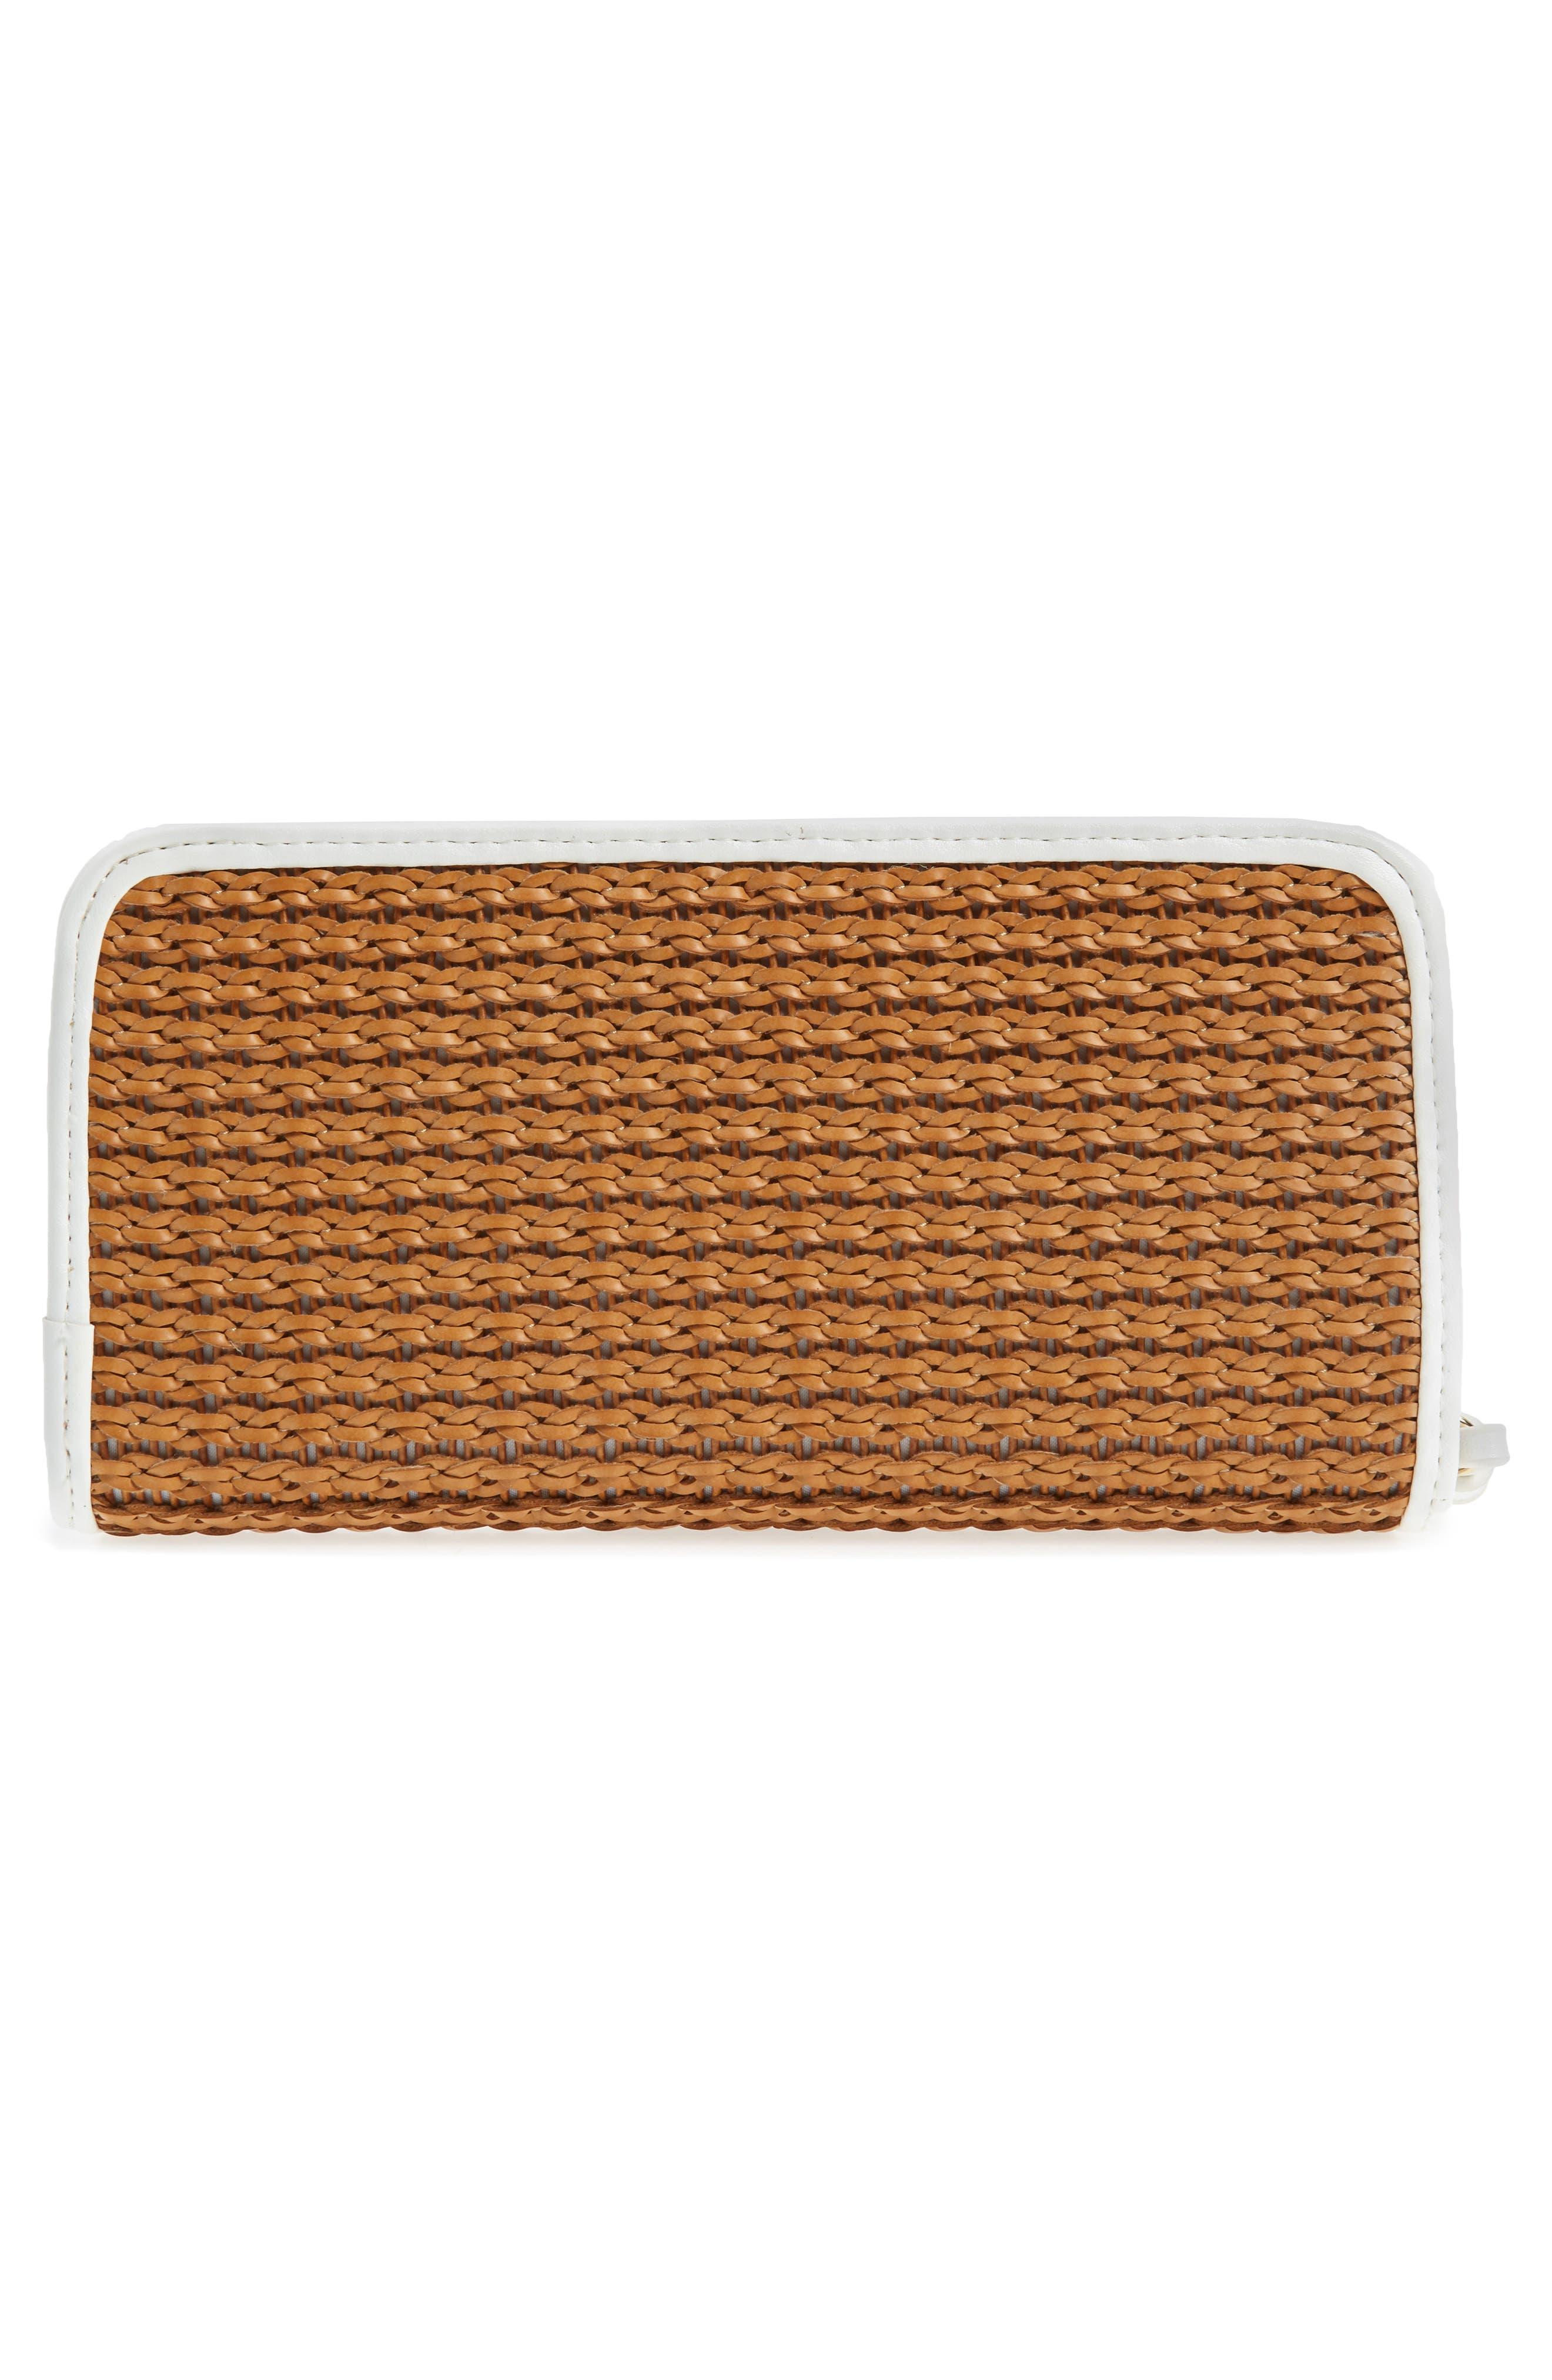 Mali + Lili Kyla Honor Basket Weave Wallet,                             Alternate thumbnail 3, color,